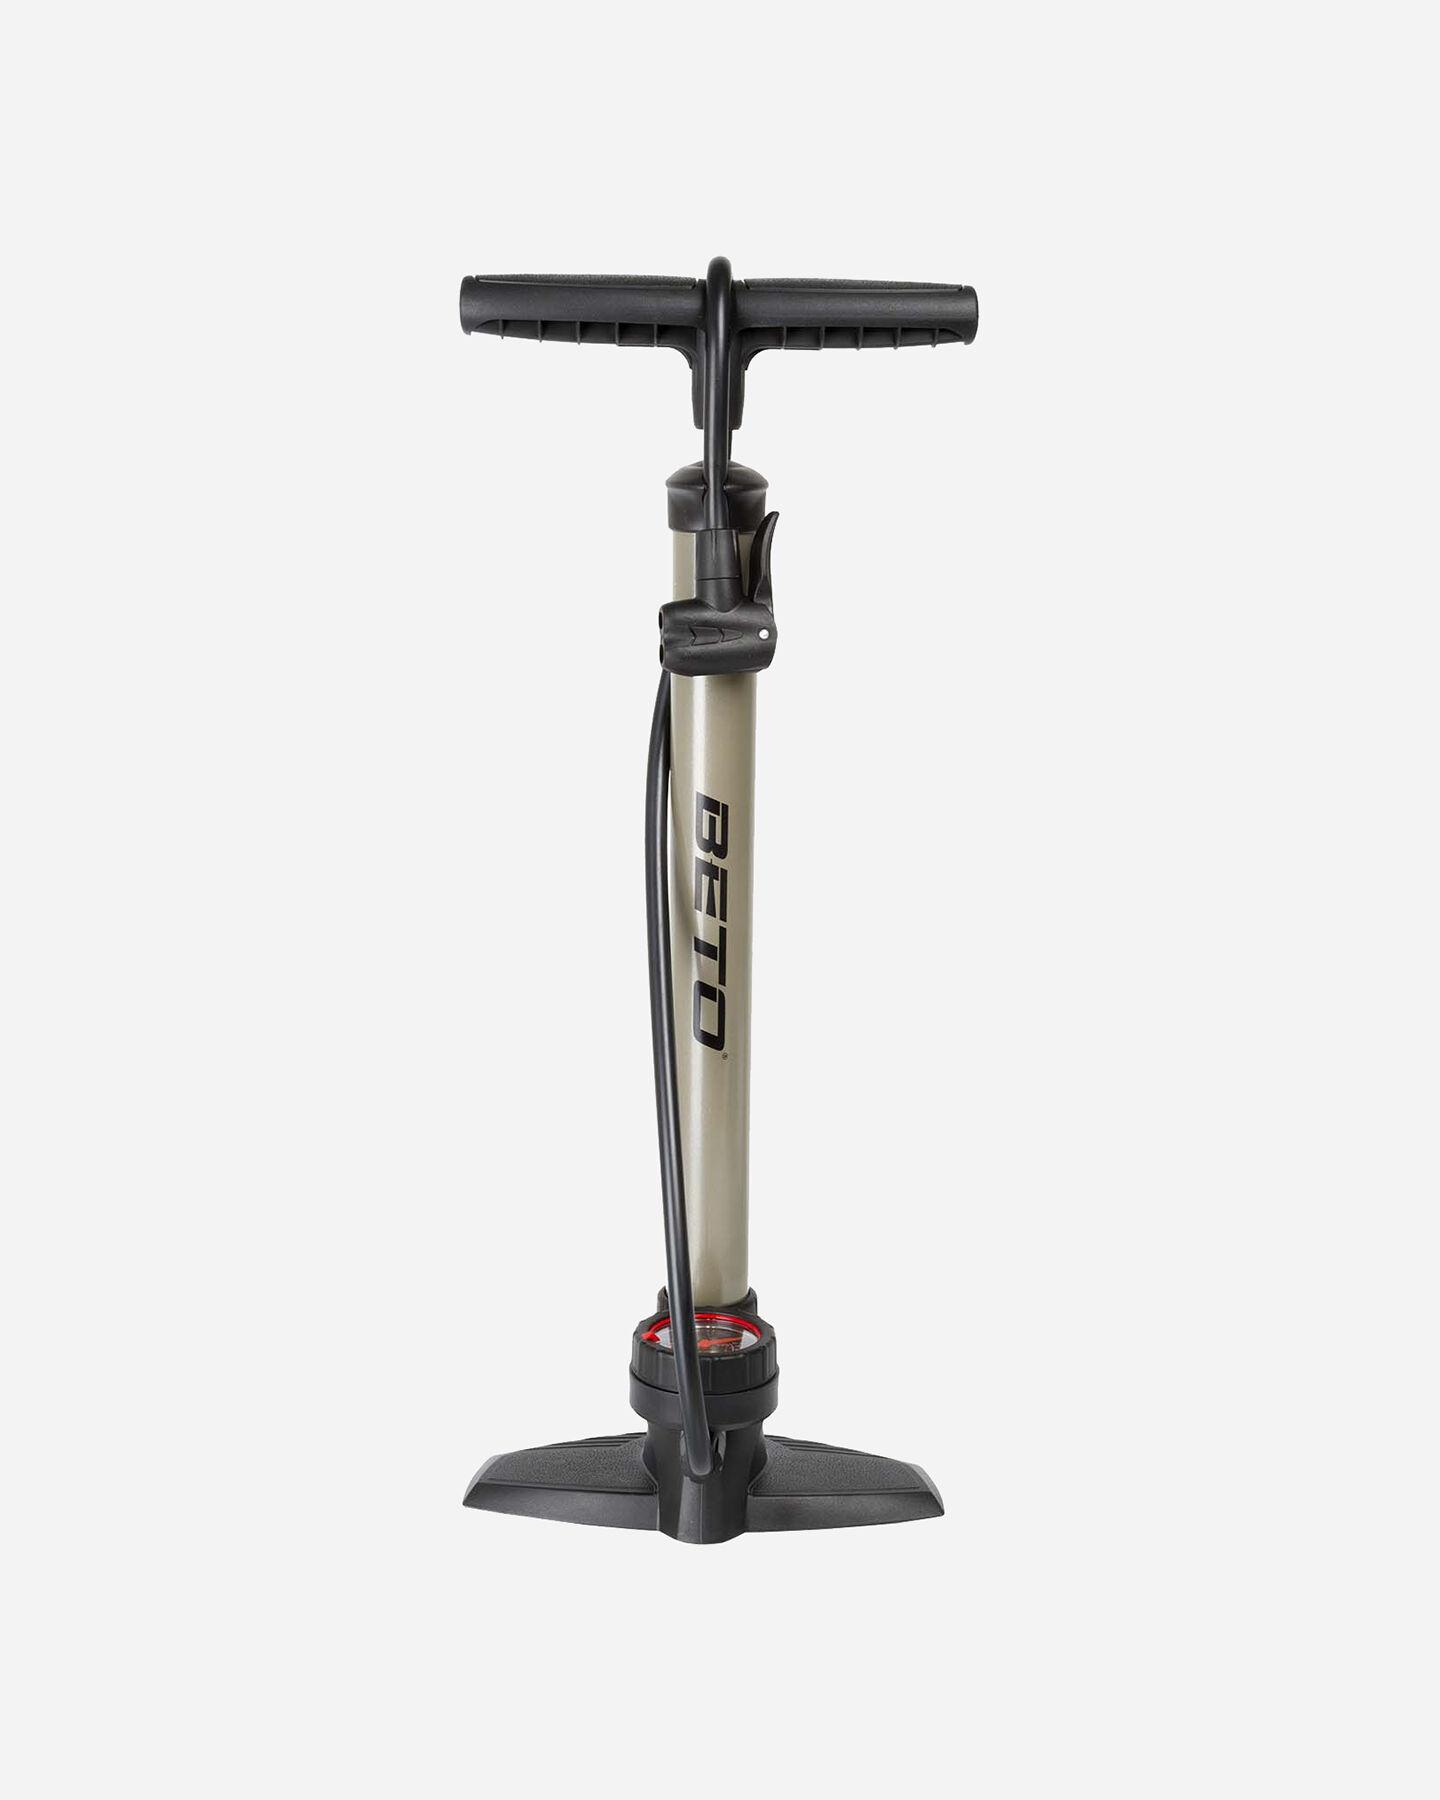 Pompa bici BONIN POMPA IN FERRO MANOMETRO S1326503|1|UNI scatto 0